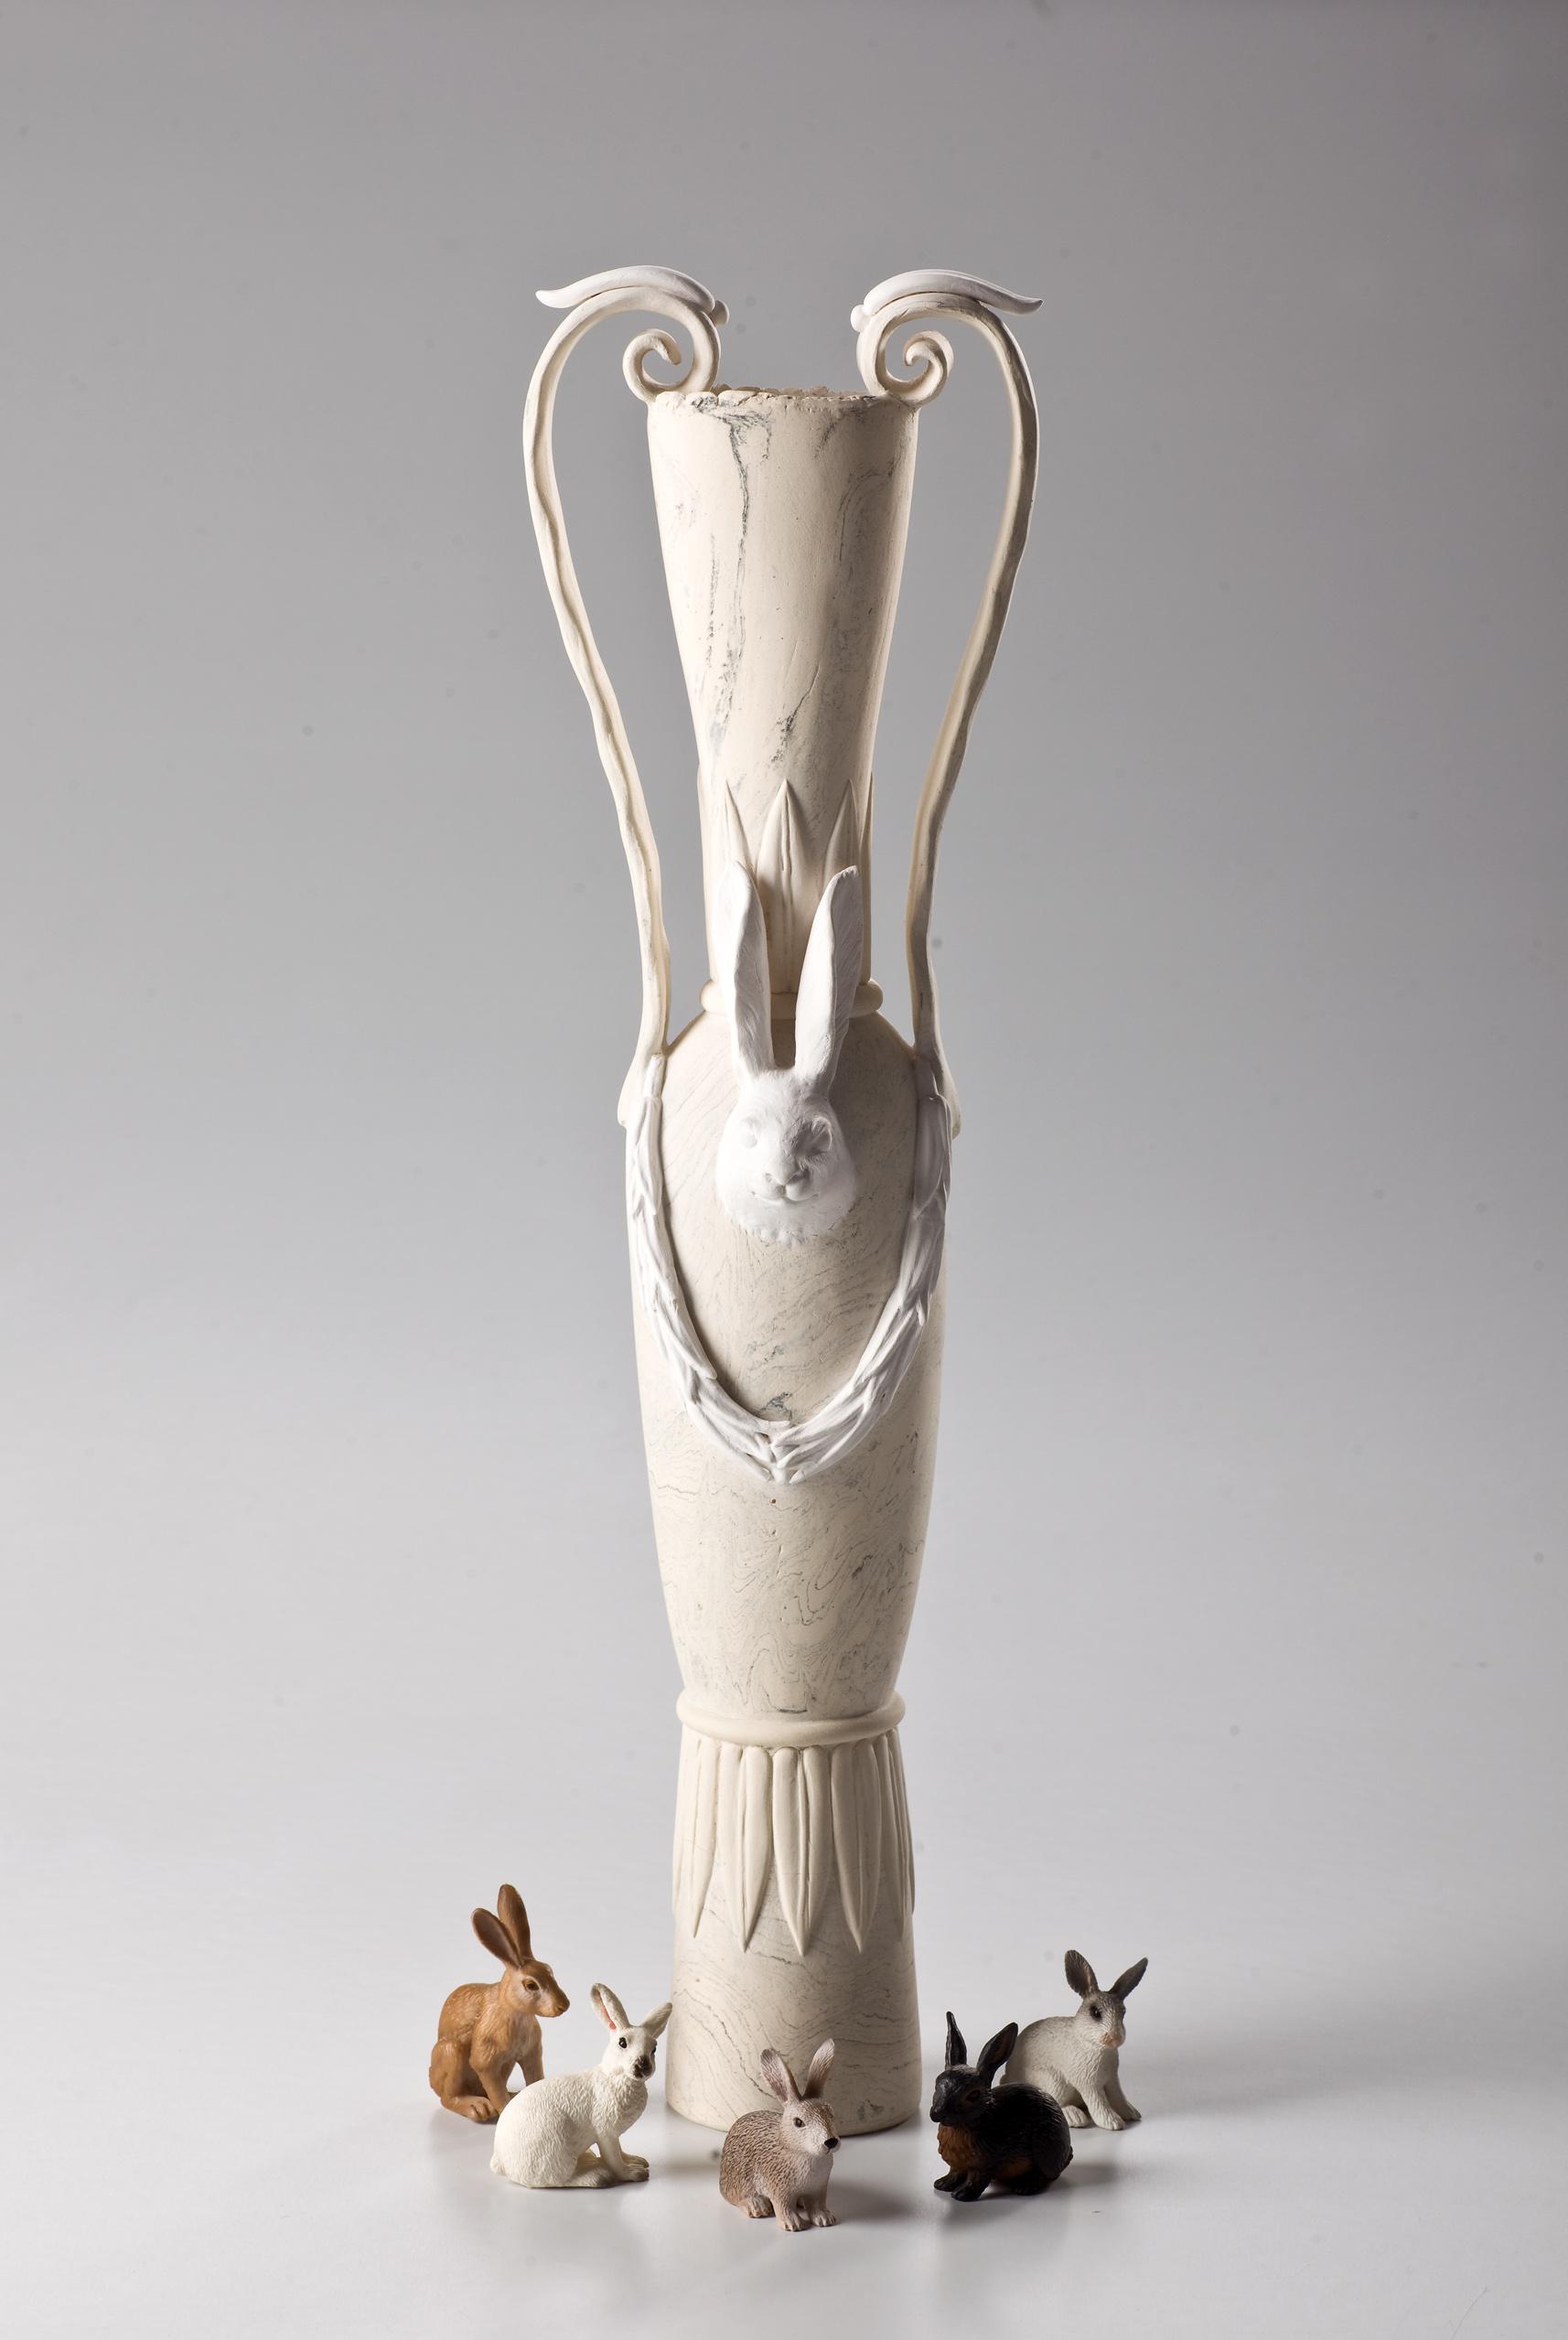 Rabbit Vase (2016)